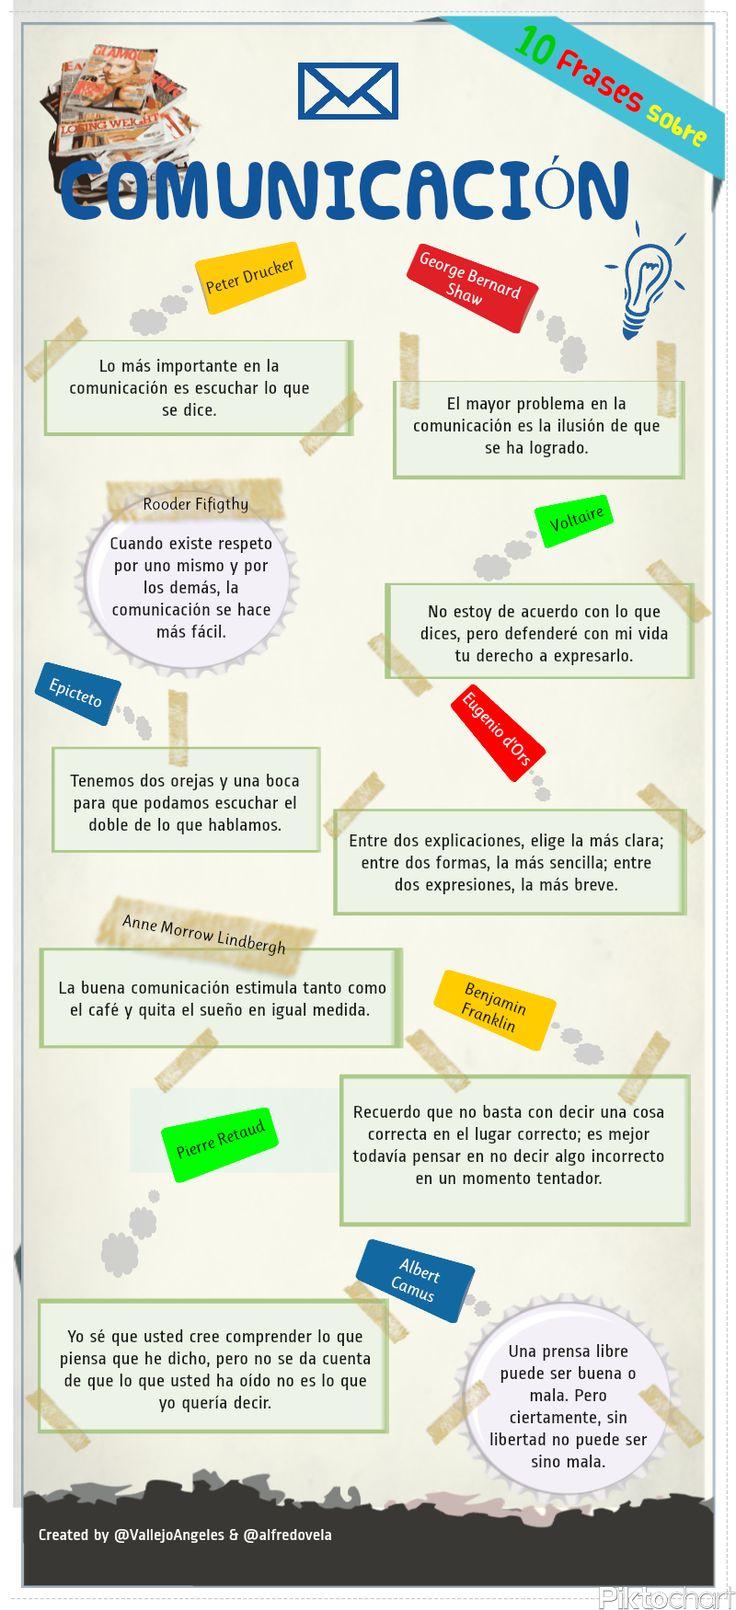 10 frases célebres sobre Comunicación #infografia